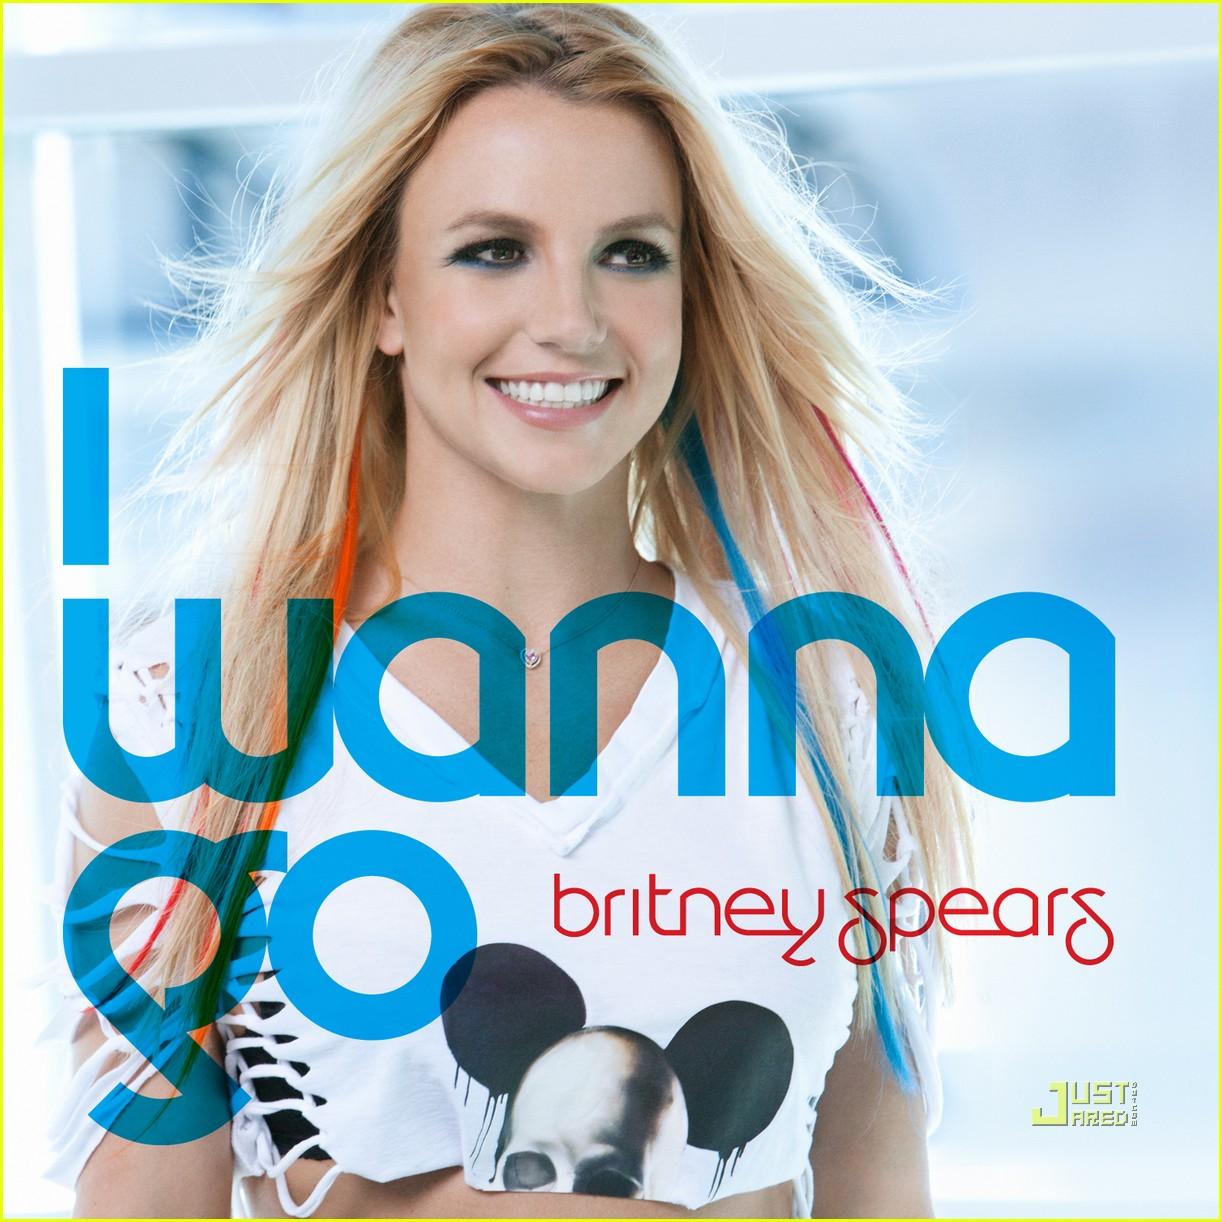 Britney Spears,videosu hazır bulunan son single'ı 'I Wanna Go'nun ...